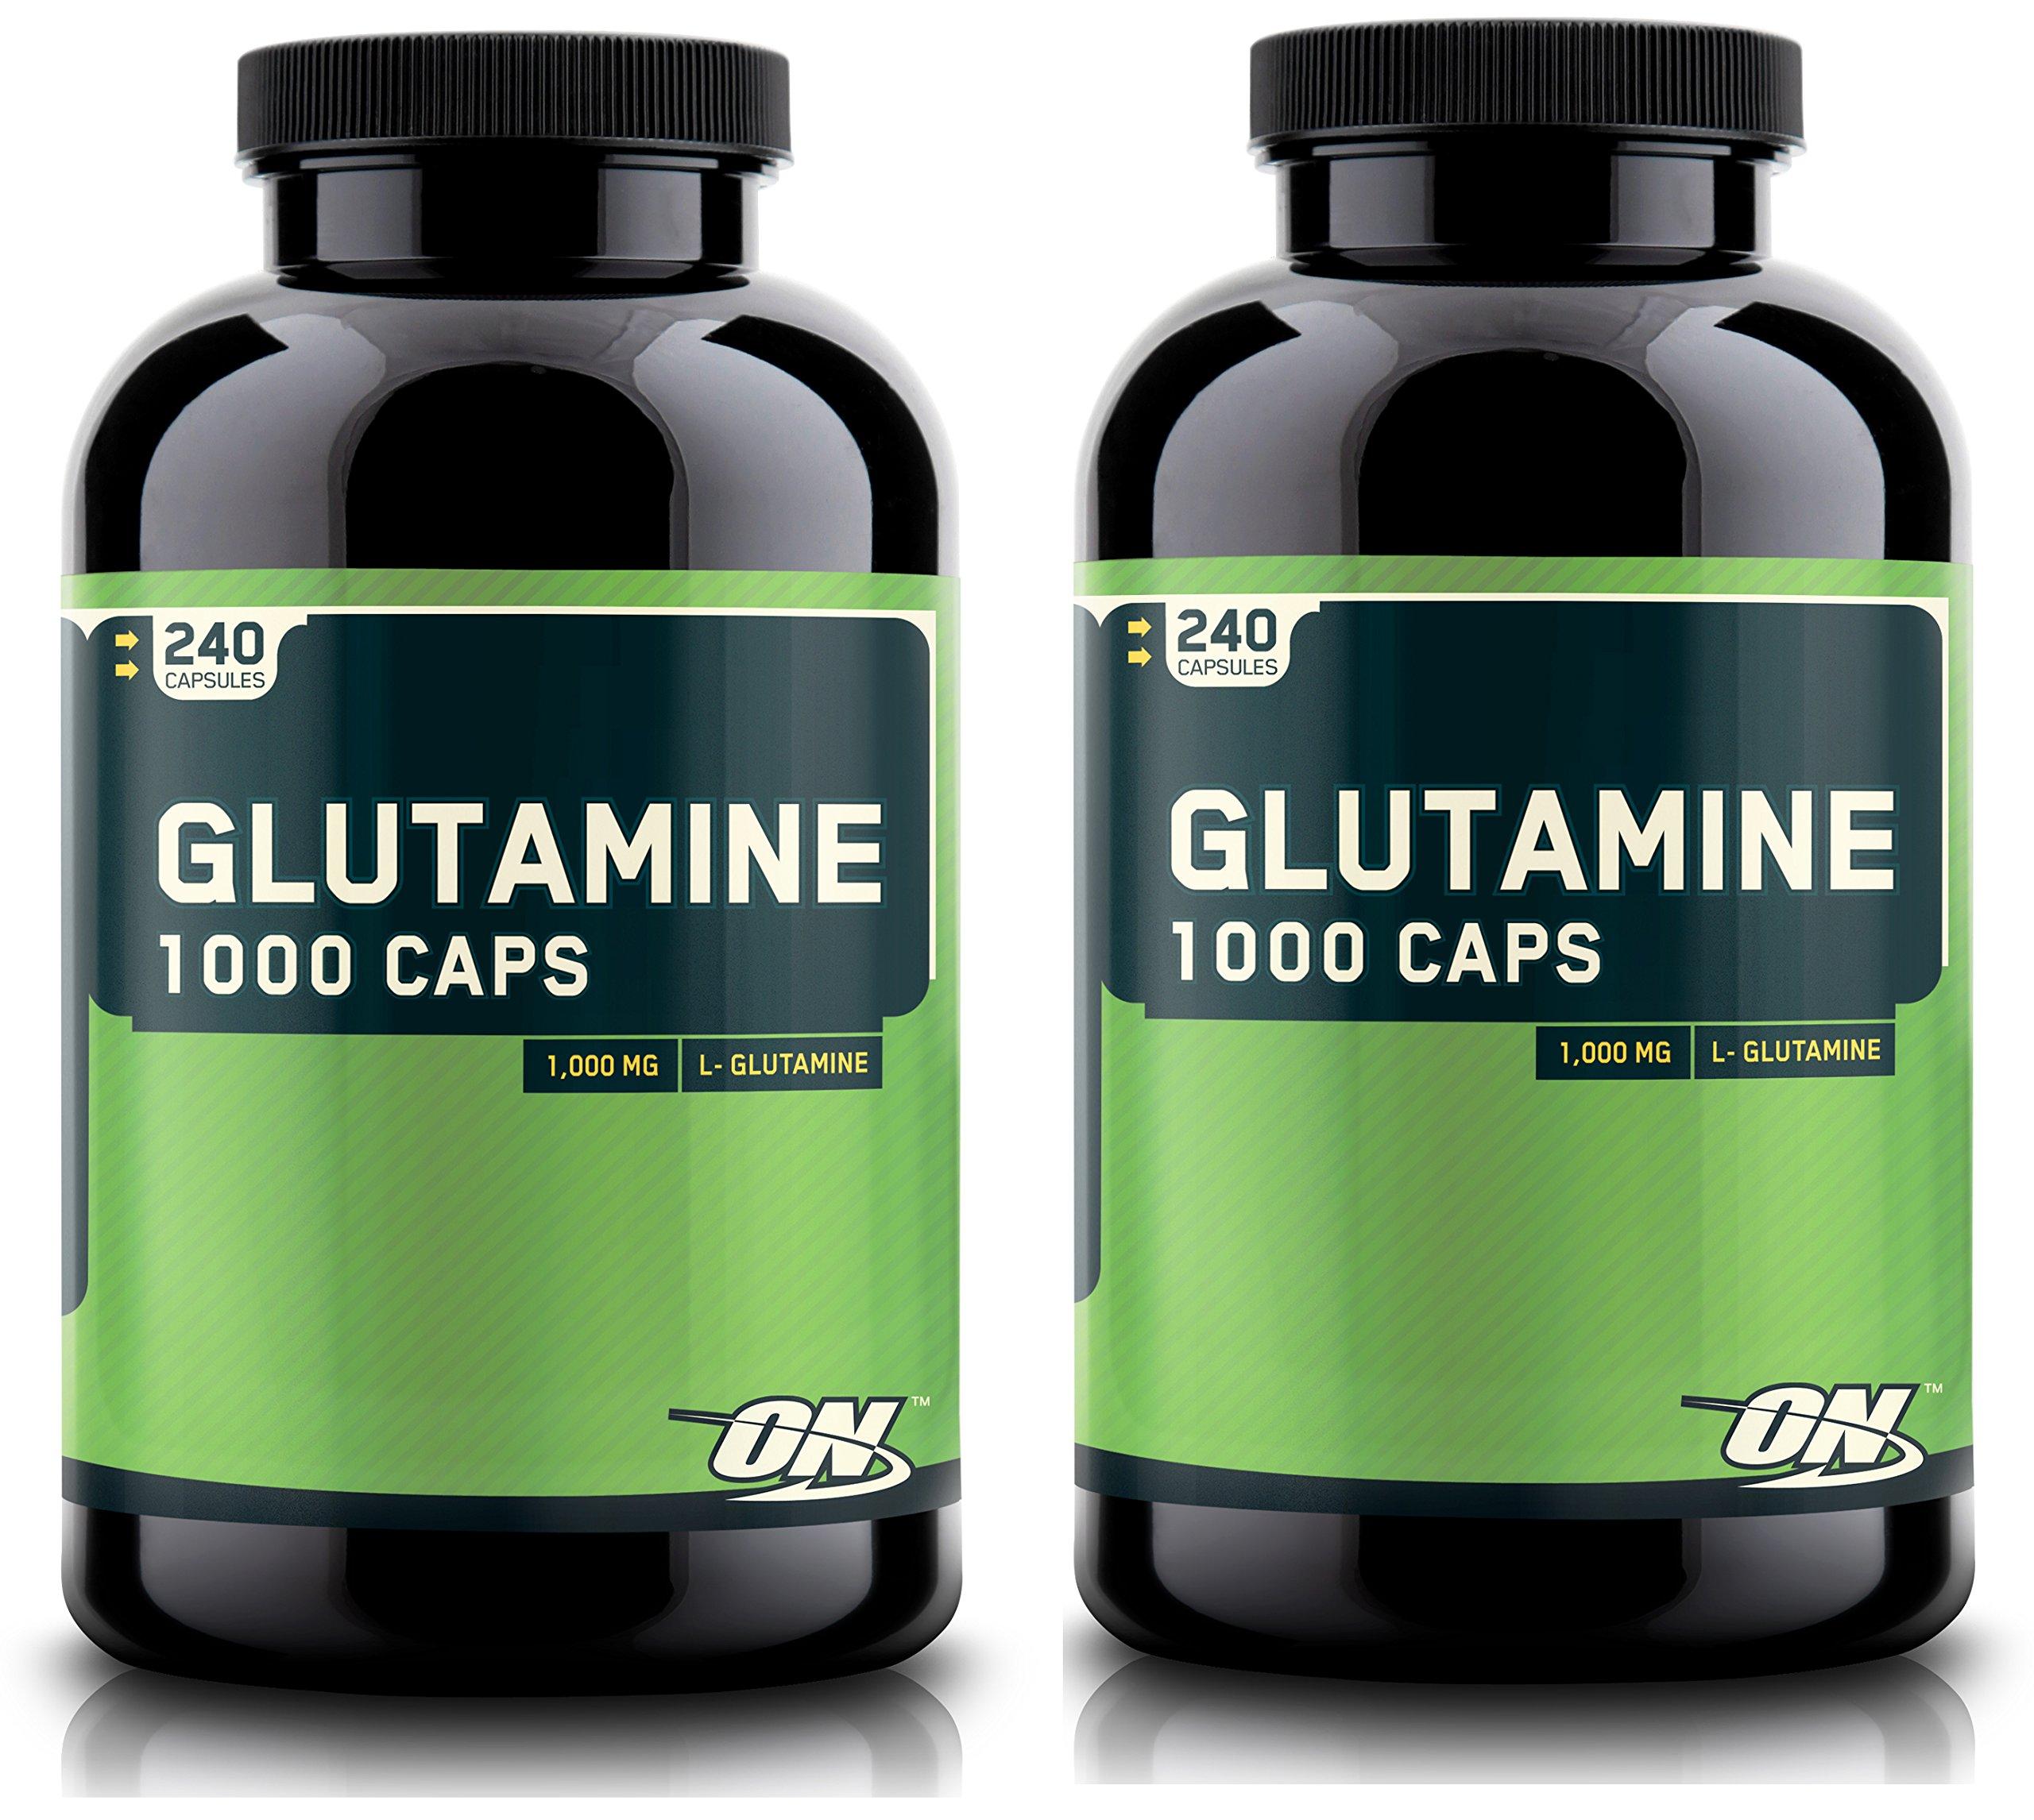 Optimum Nutrition 480 Glutamine Capsules Pure L-Glutamine Recovery Caps, 1000MG